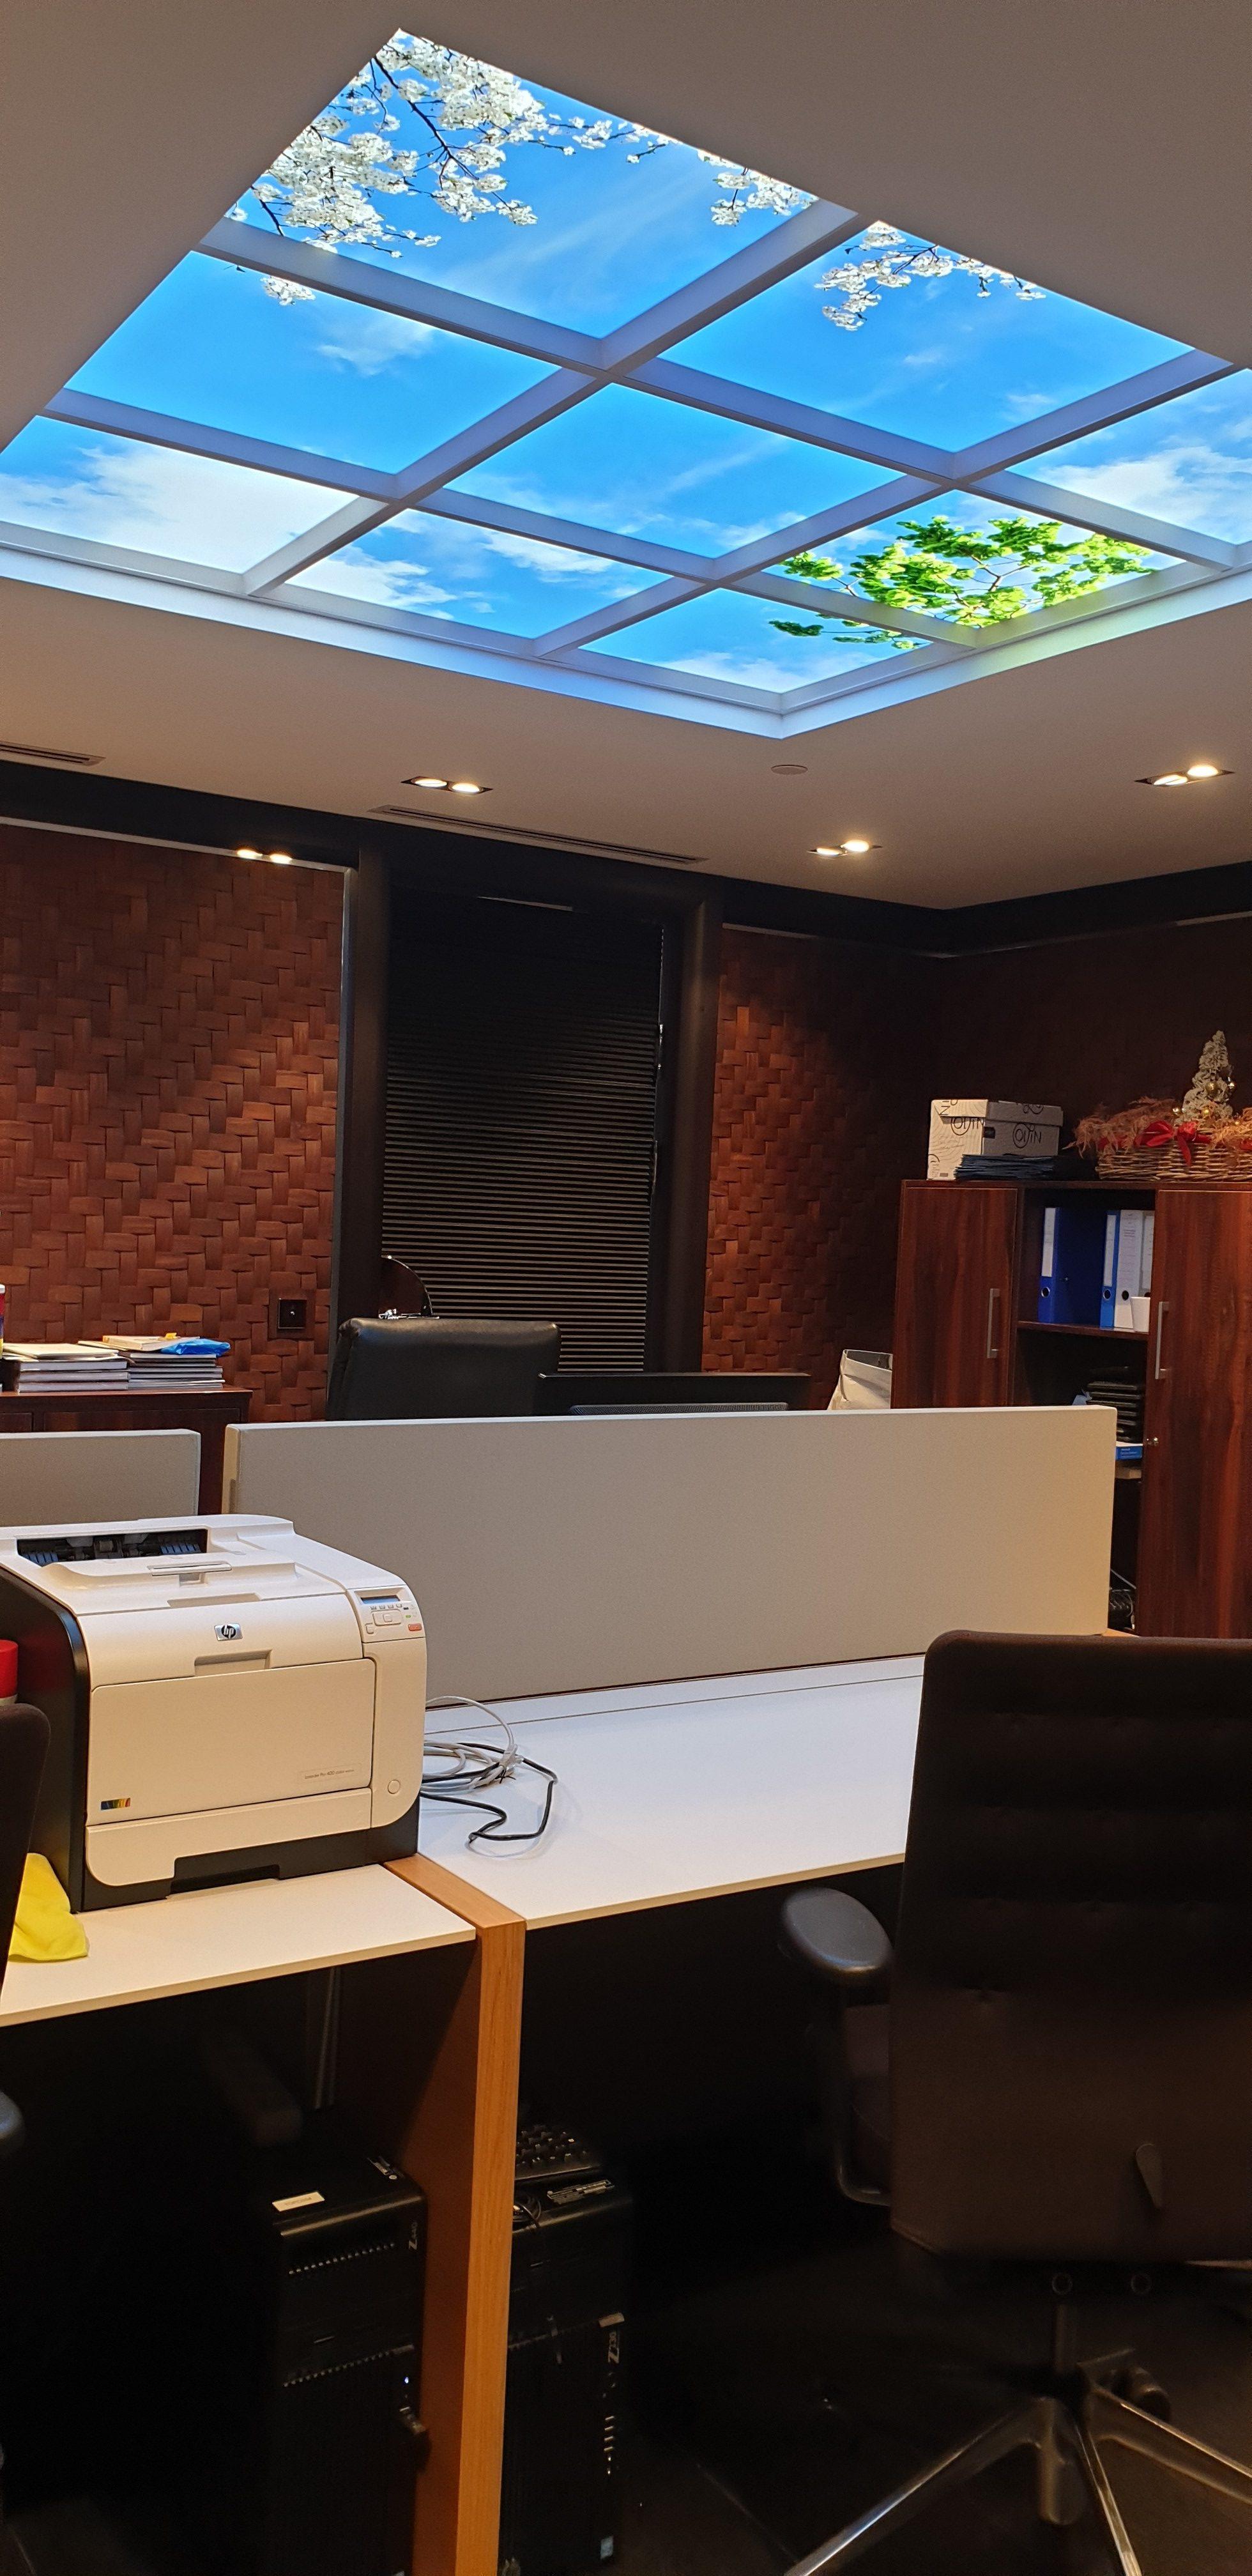 plafond lumineux cumulux encastré dans le faux plafond en placo